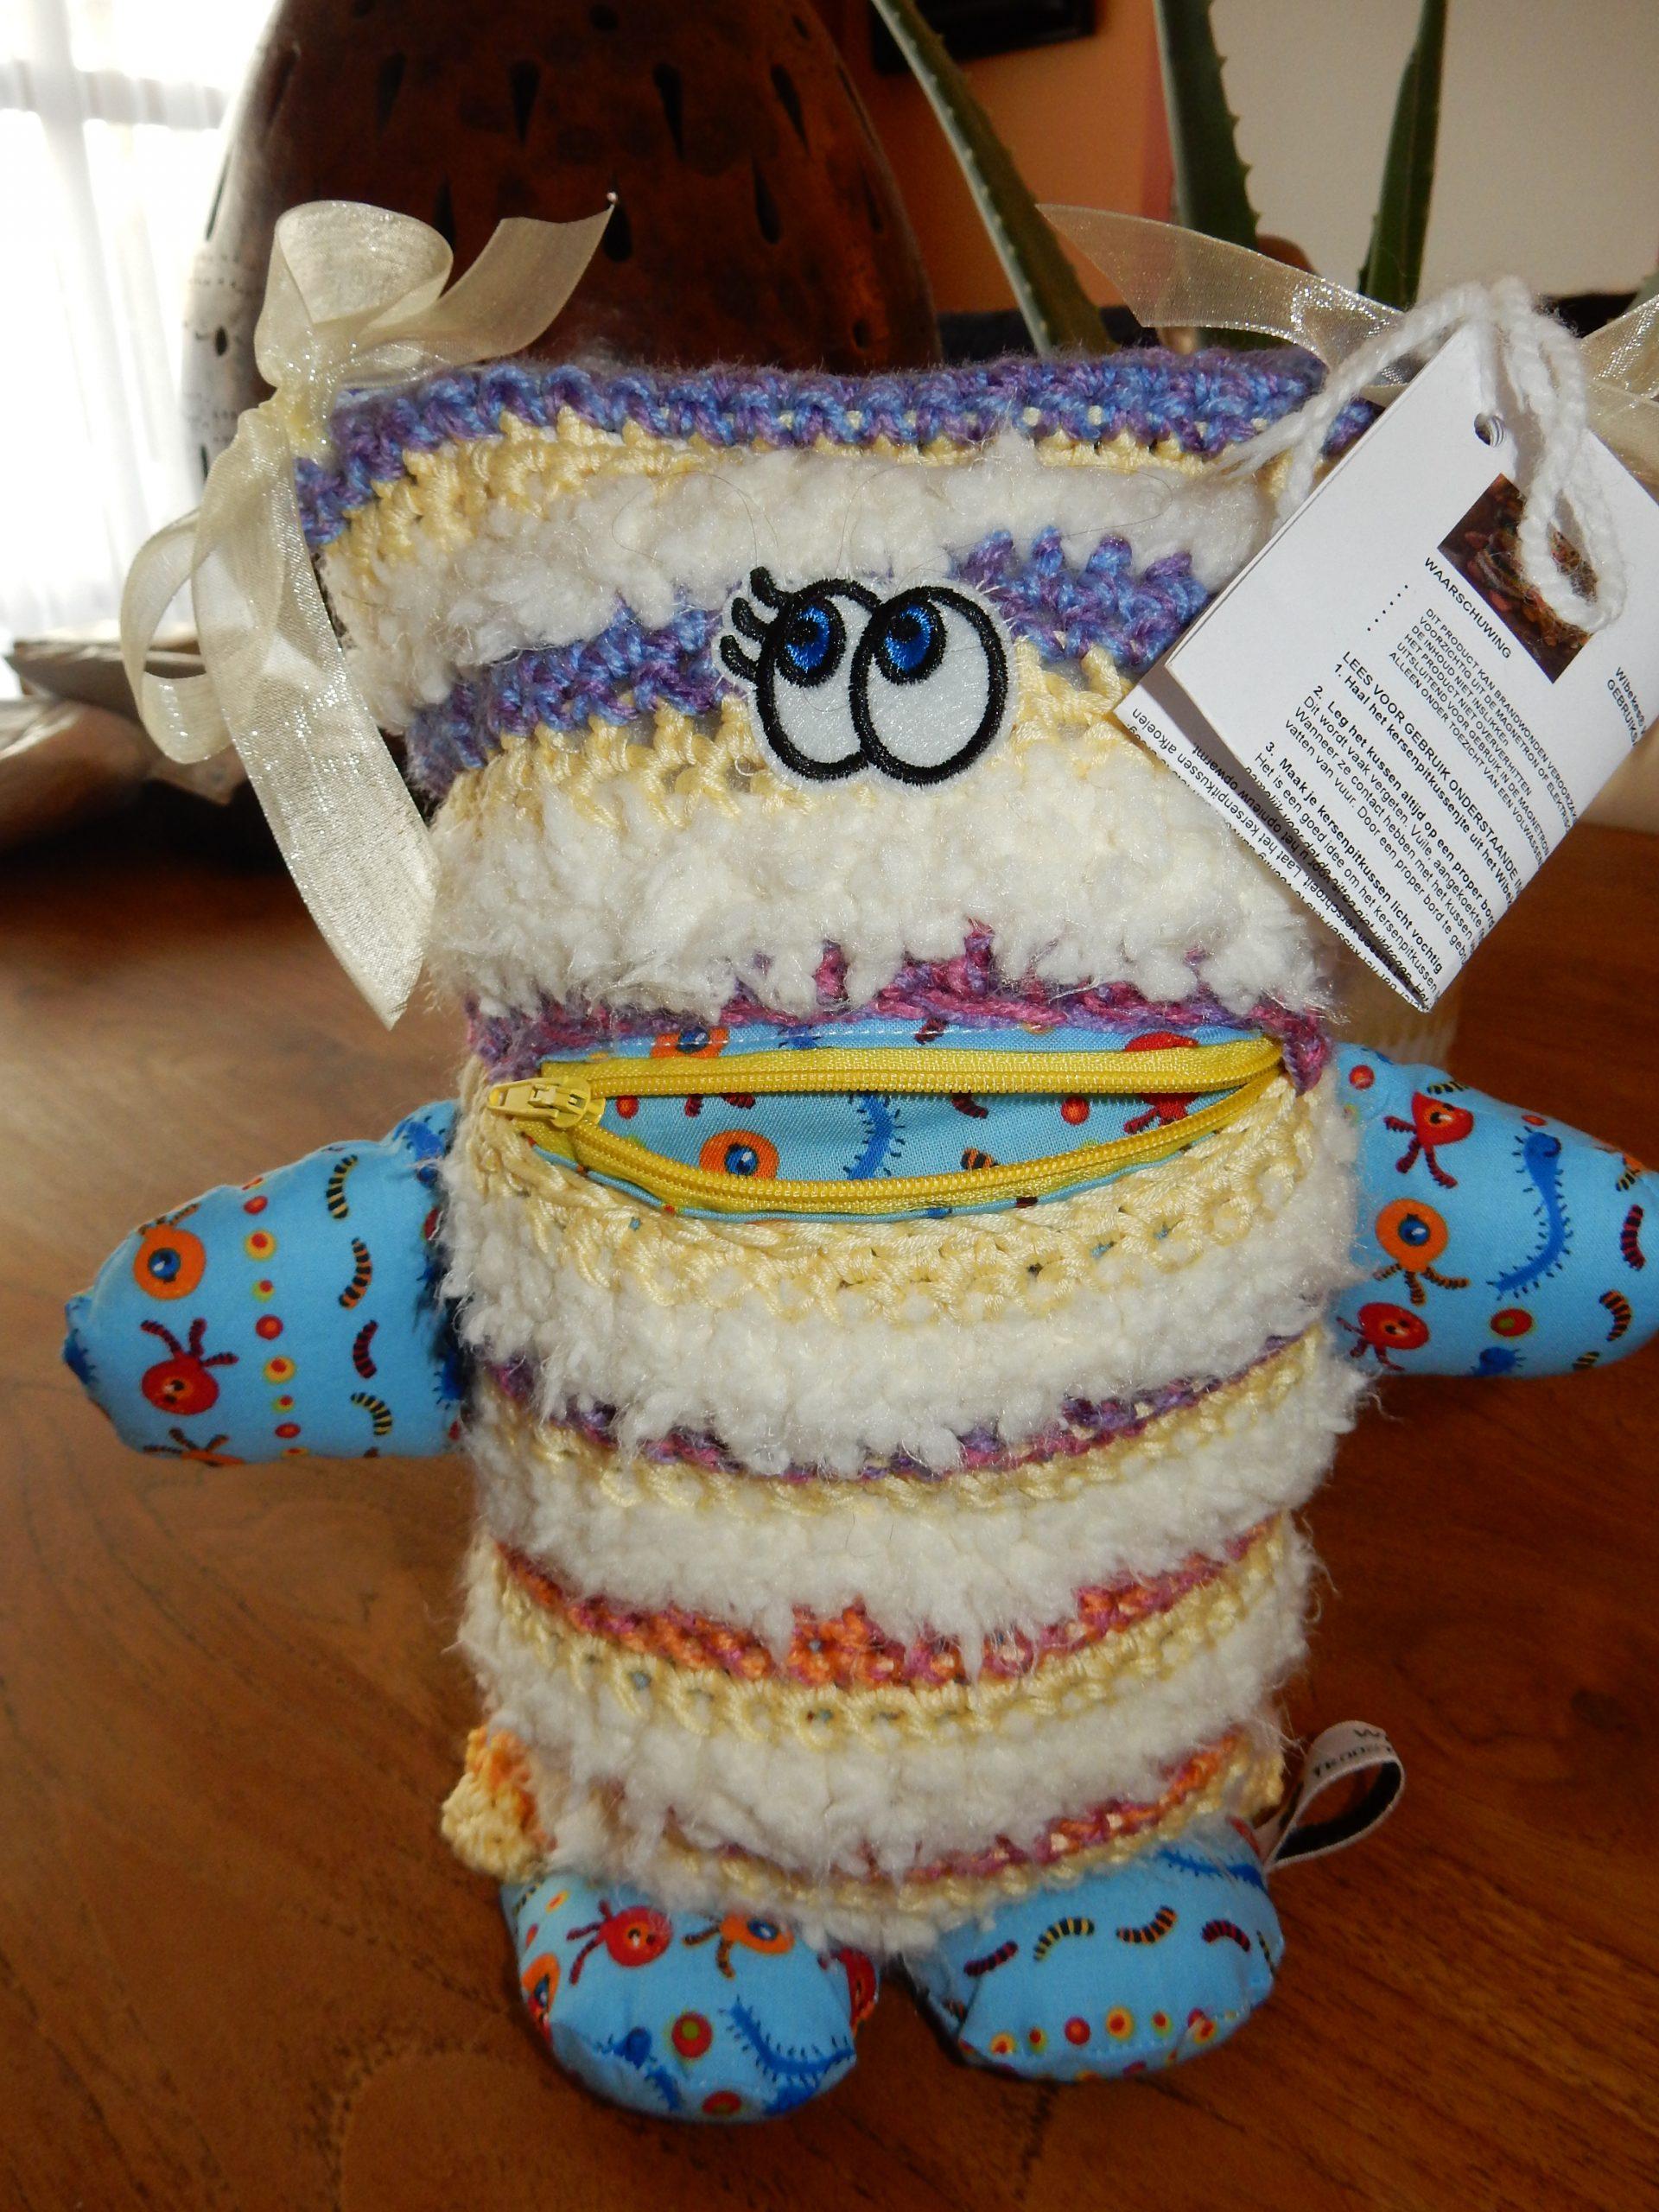 NIEUW !!!! Wibekes Warm Troostvriendje (met kersenpitkussentje) - Happy colours  -- GERESERVEERD